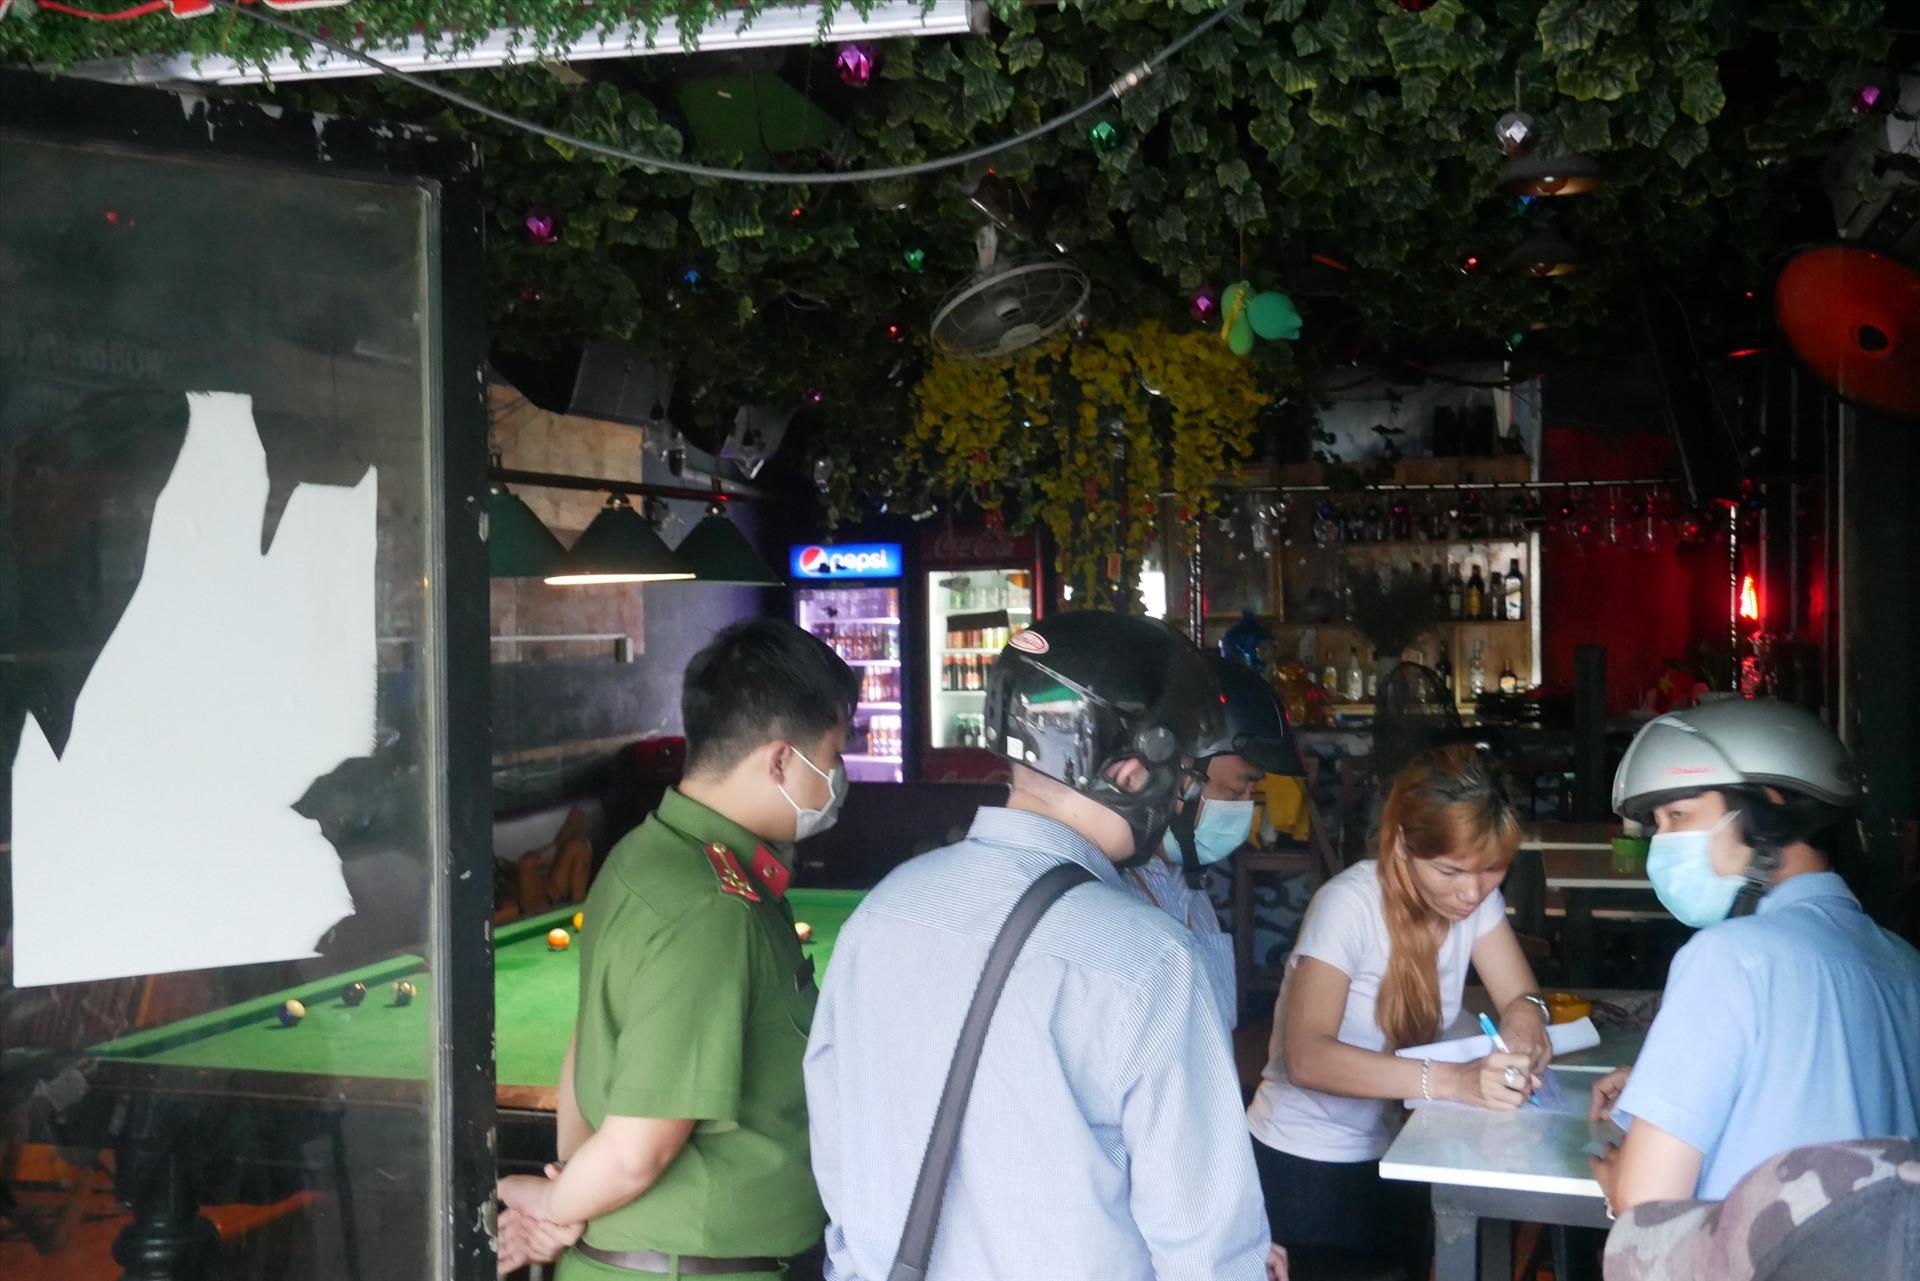 Từ 16h30 ngày 24.3, đoàn chức năng của UBND phường Phạm Ngũ Lão (quận 1) đã tới  các nhàn hàng, cơ sở kinh doanh ăn uống, tiệm cắt tóc trên địa bàn phường để vận đông các cơ sở này tạm thời đóng cửa từ 18h theo chỉ đạo của UBND thành phố.